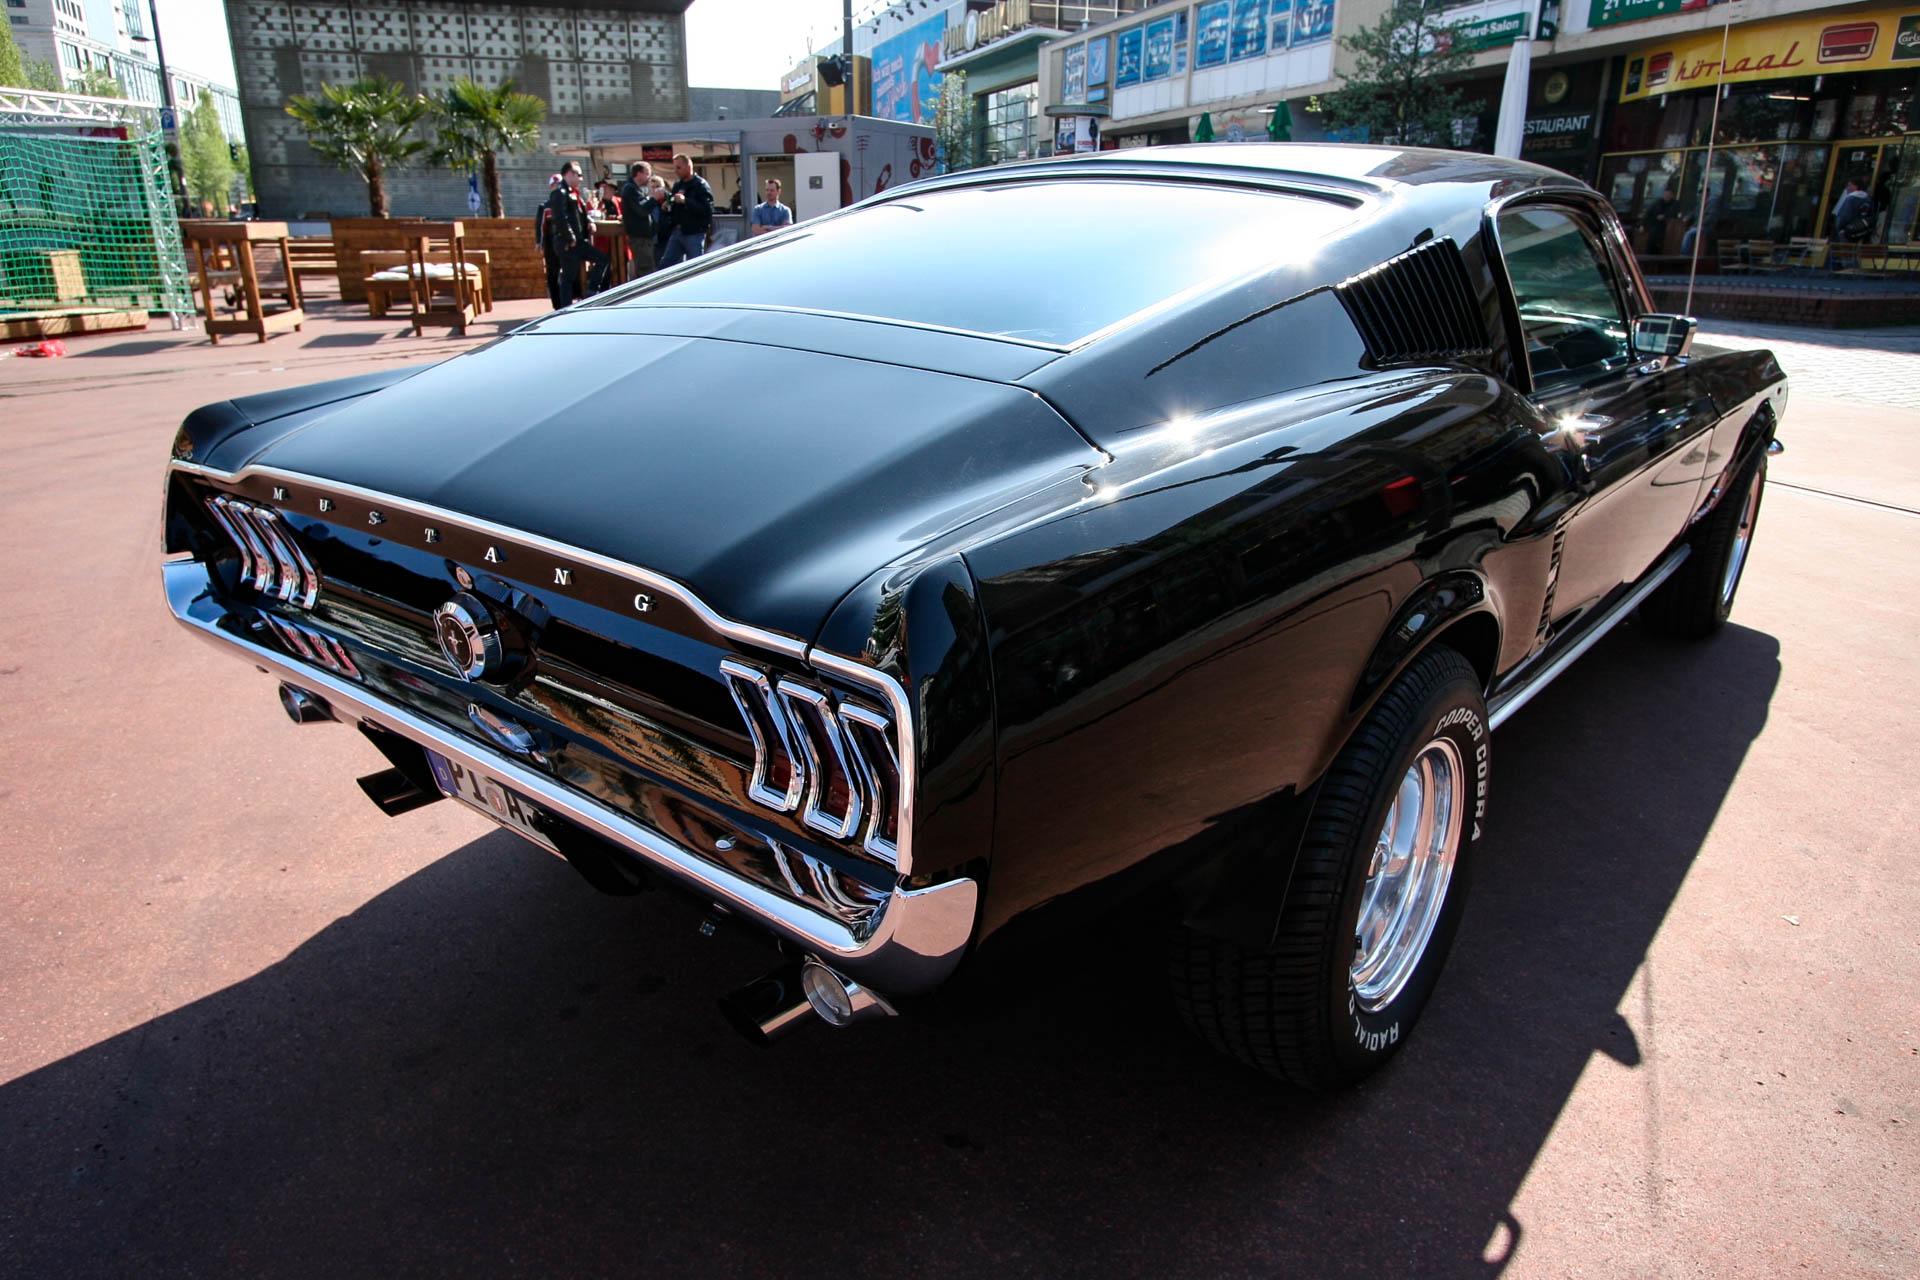 1967 Ford Mustang (Hamburg)